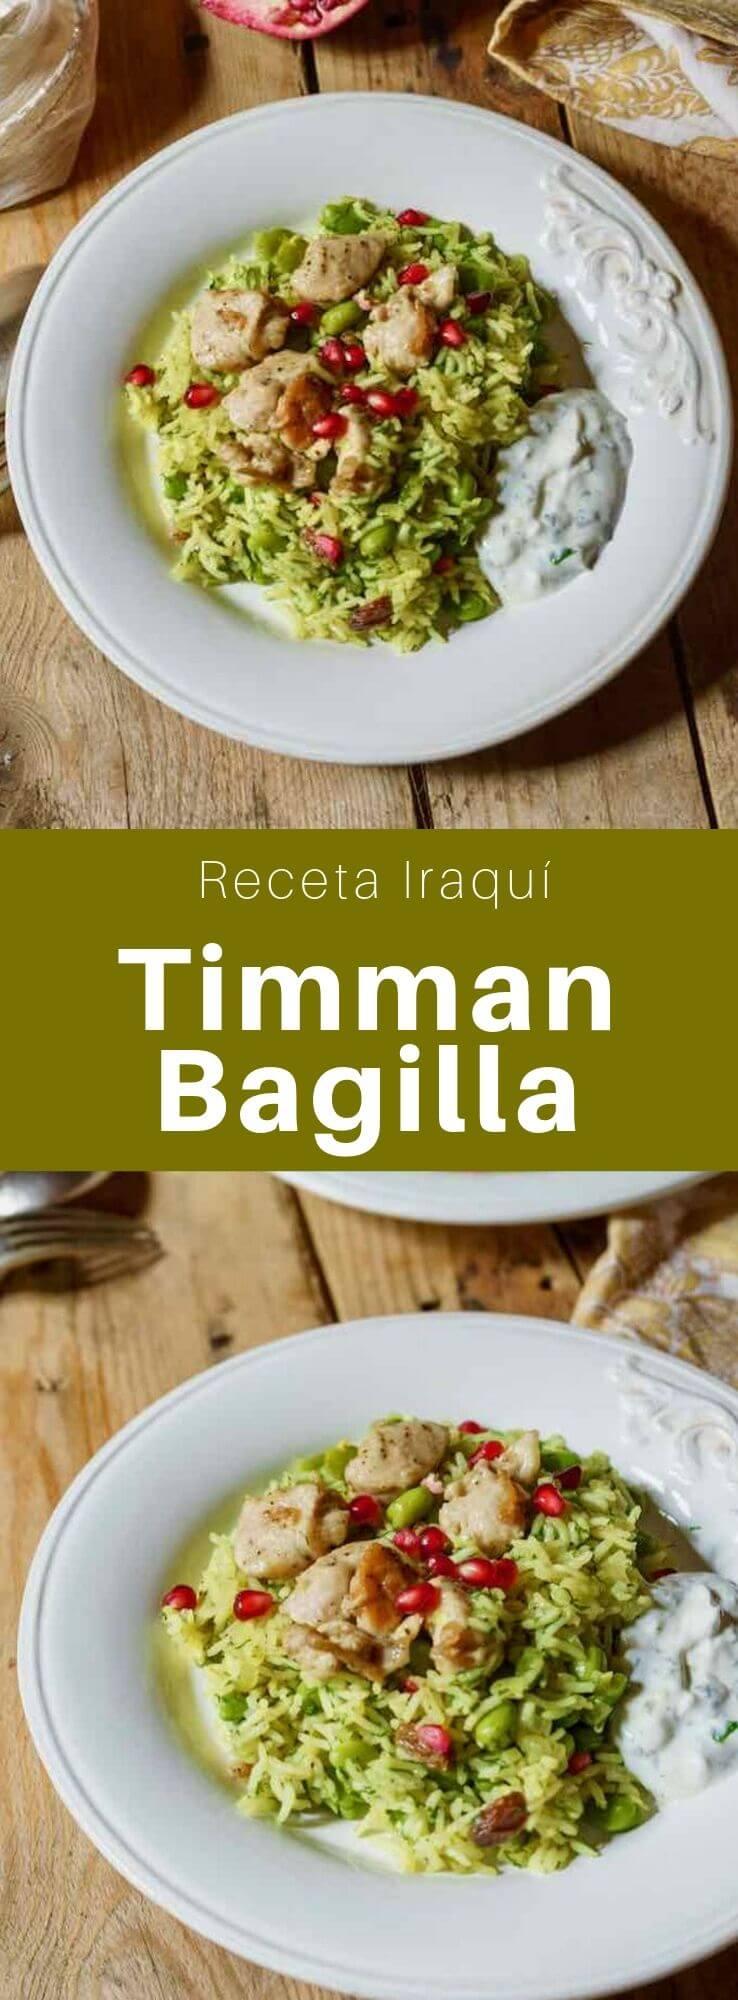 El timman bagilla es un plato tradicional de arroz y habas de Iraq. Se puede servir solo o acompañado con pollo, cordero u otras carnes.